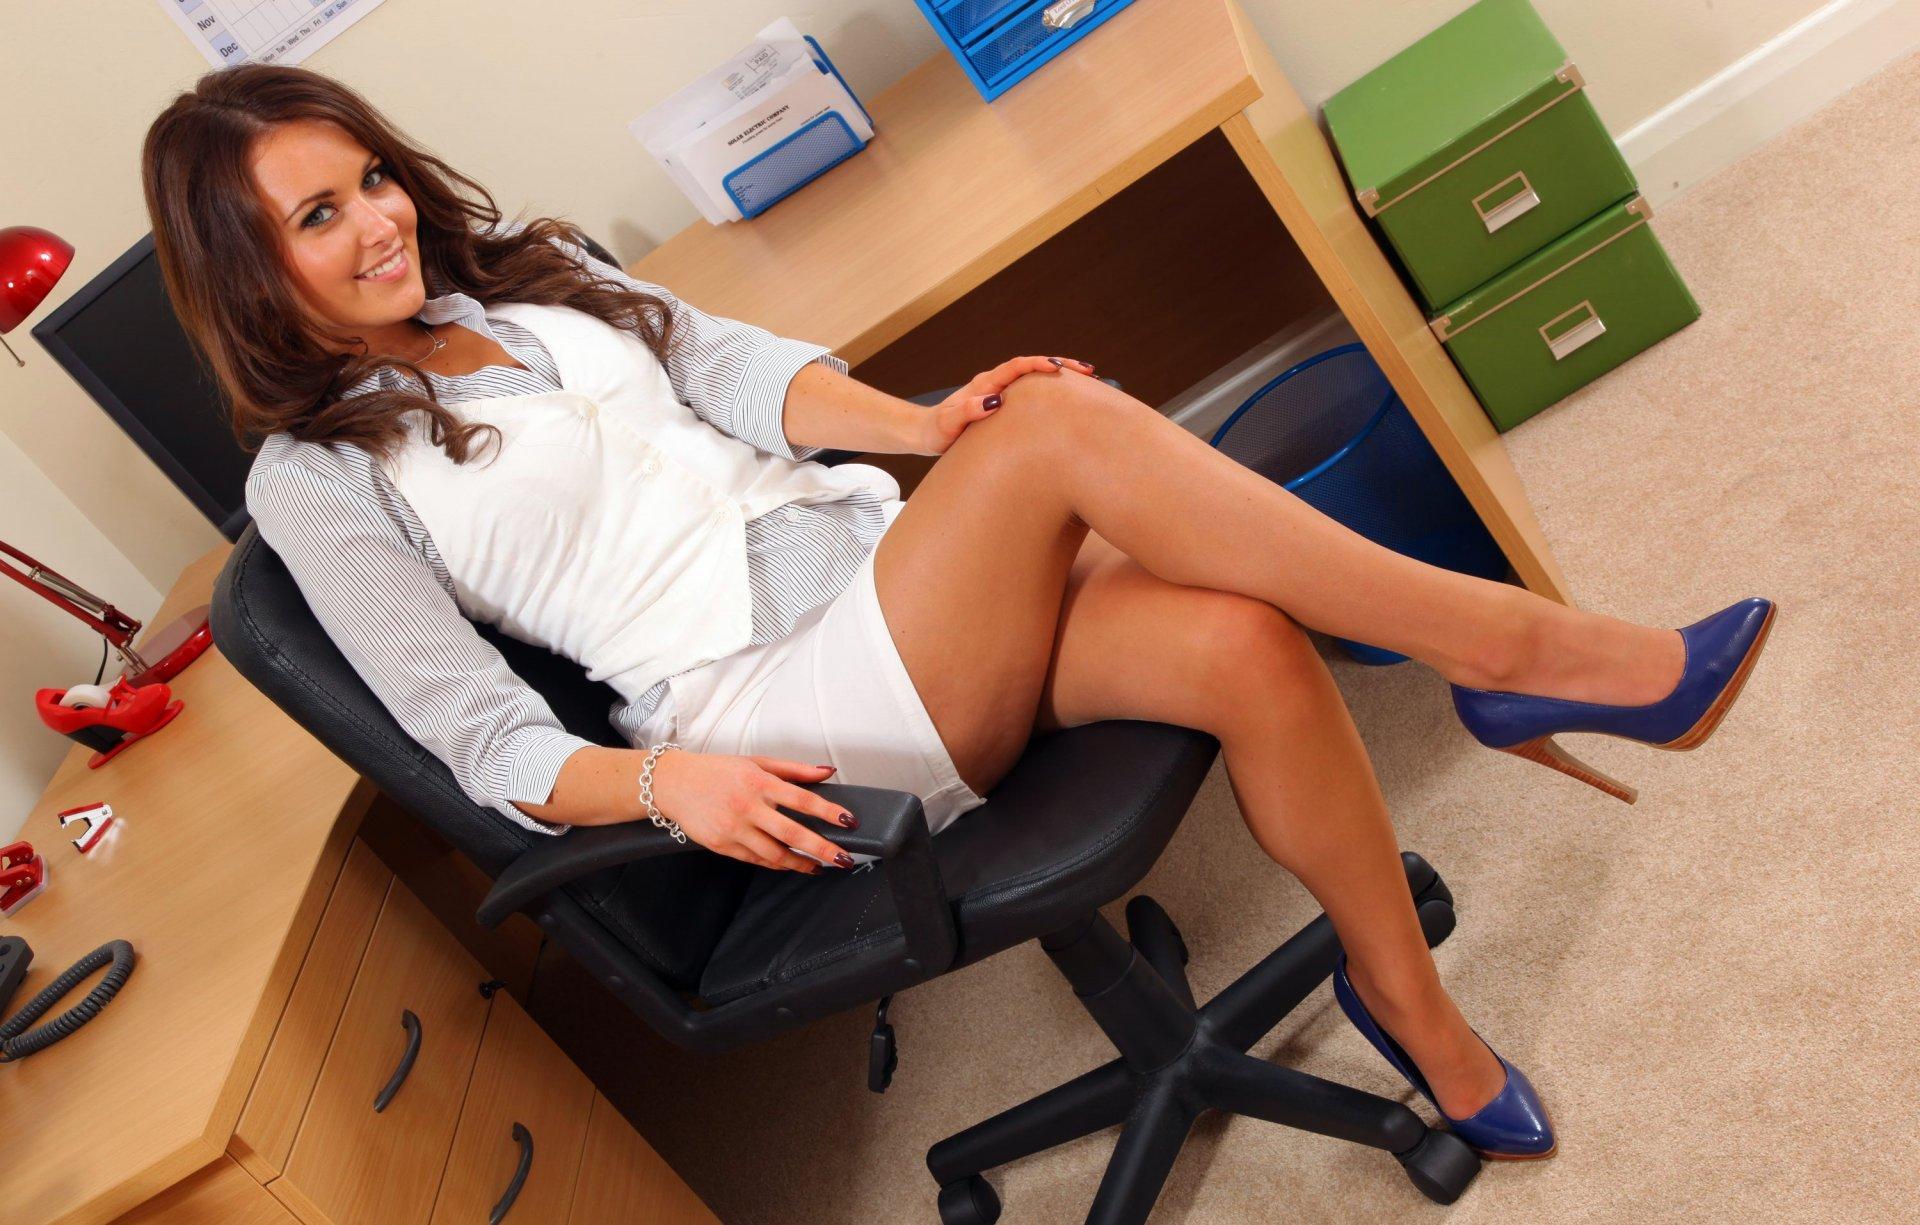 Смотреть порнуху красивой бухгалтерши, девушка рассматривает член парня